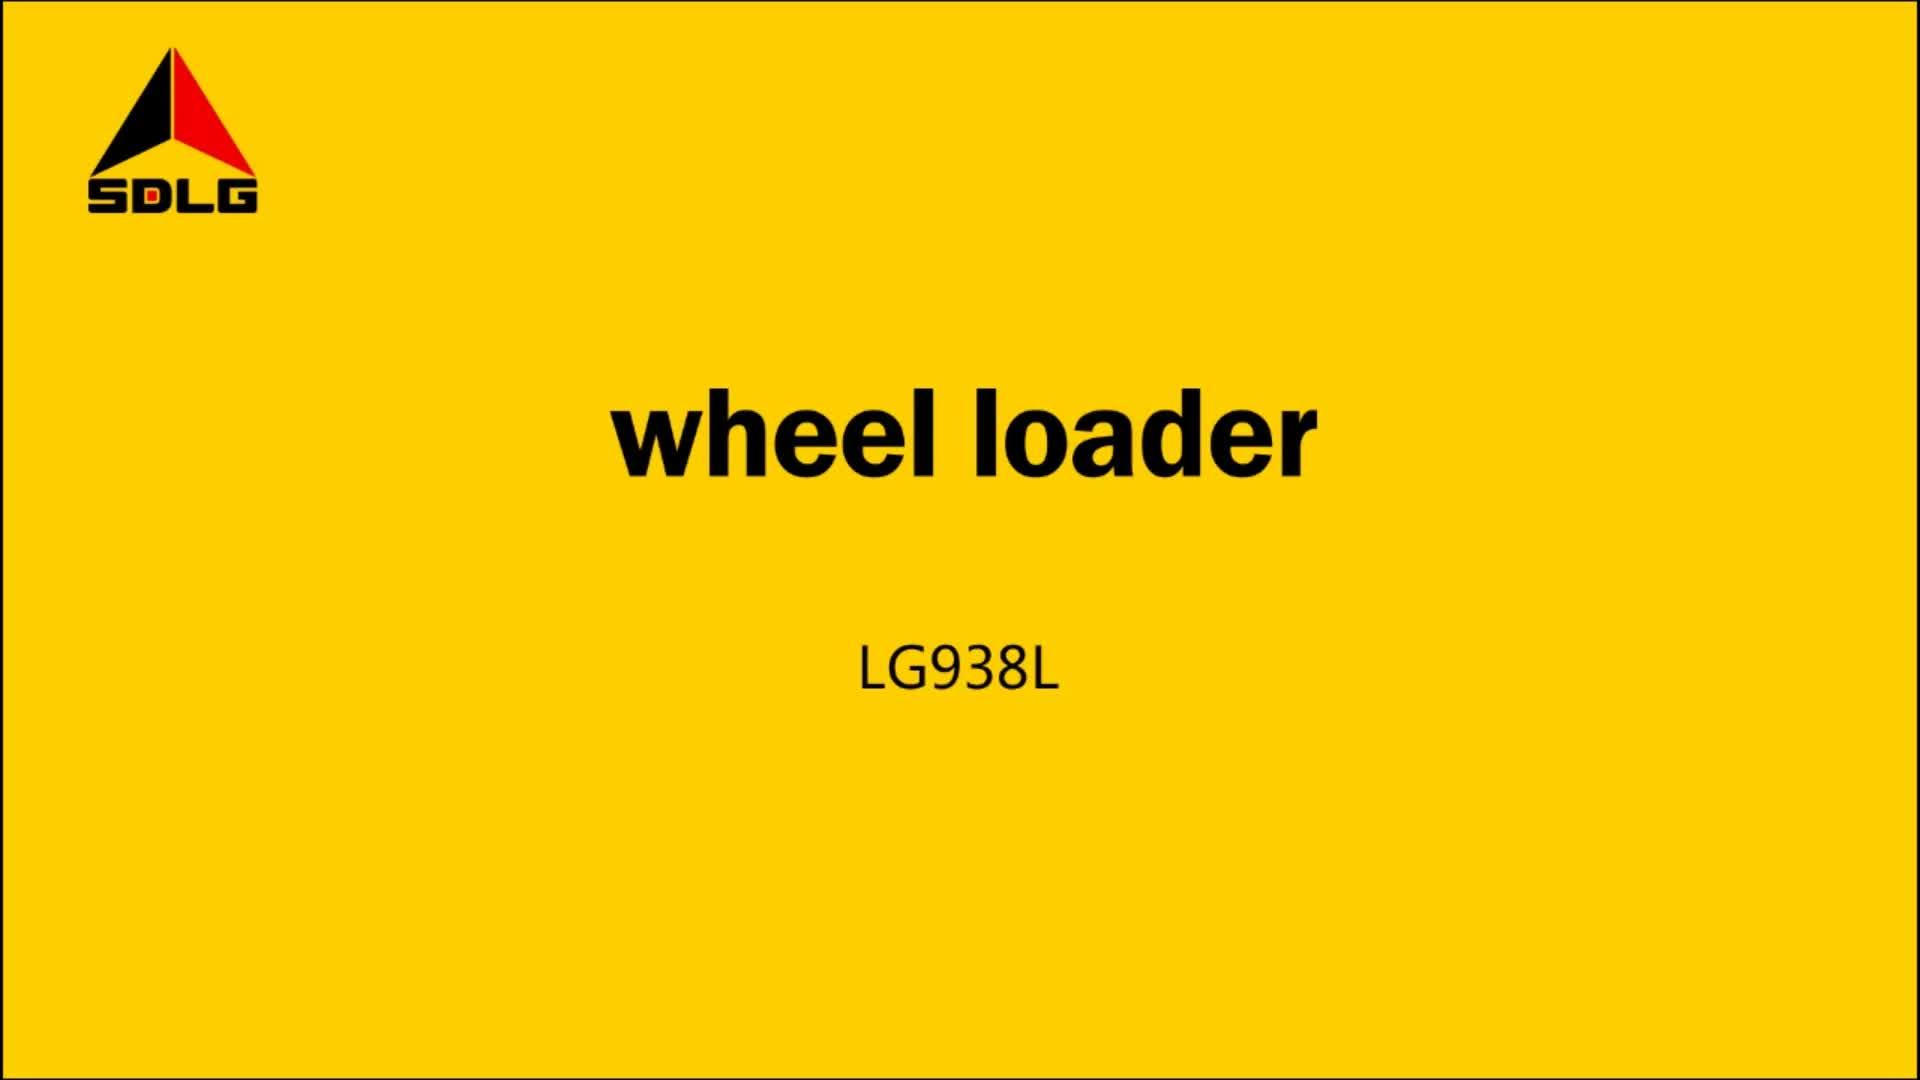 SDLGรถตักล้อยางLG938L